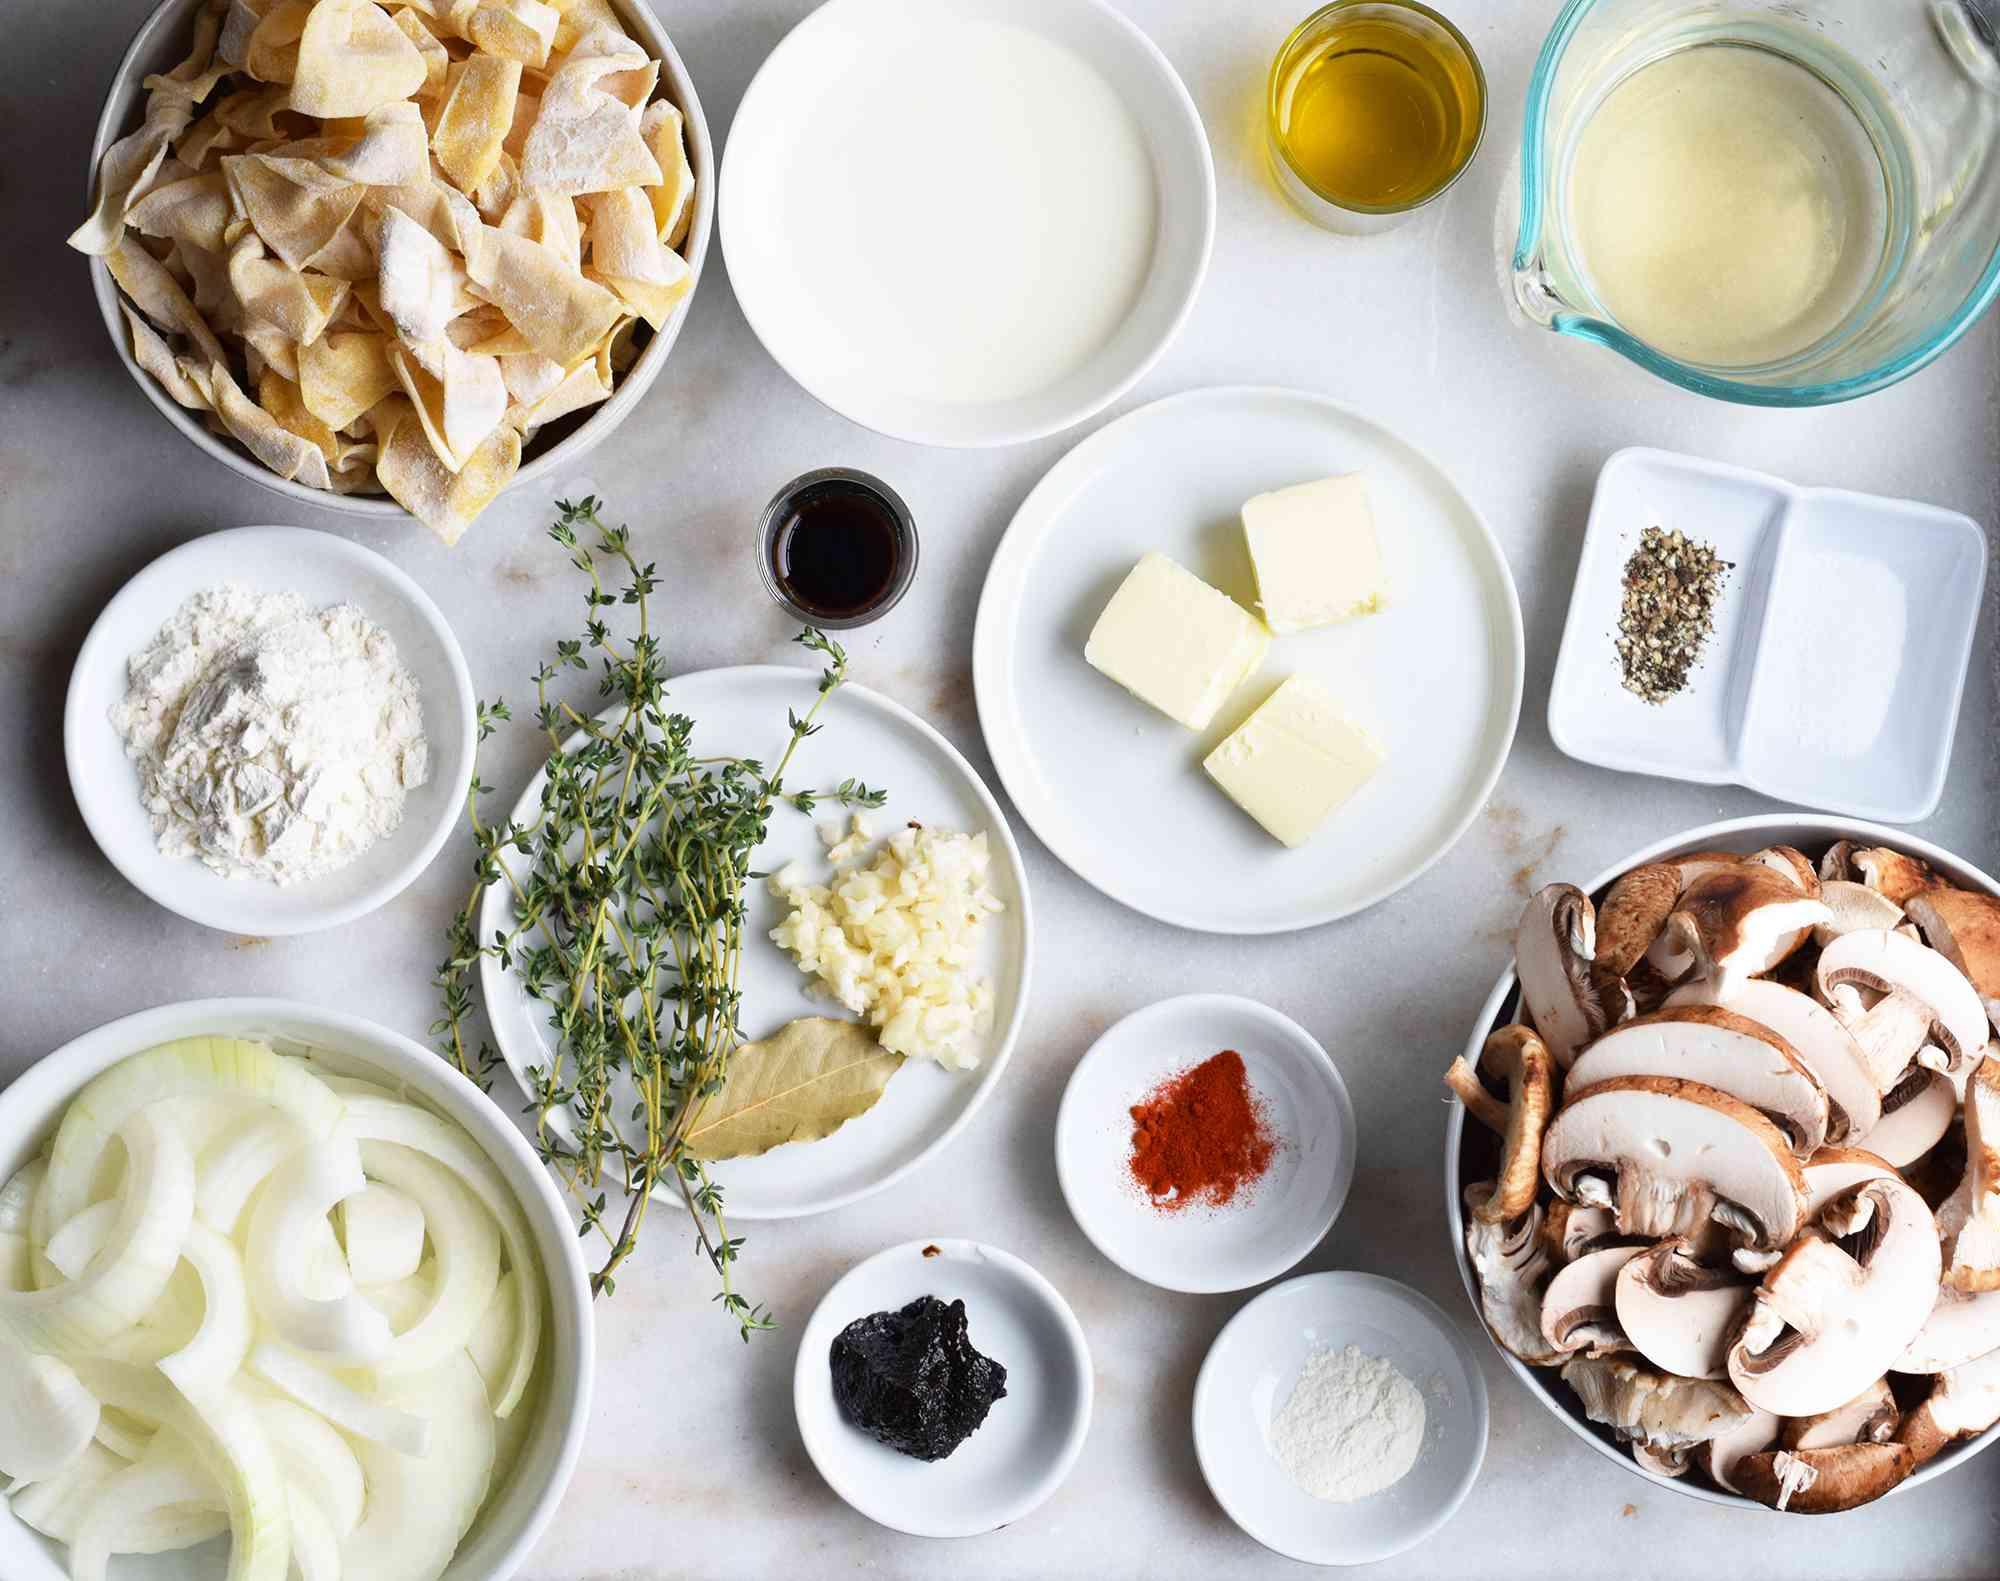 ingredients for mushroom stroganoff displayed on marble board